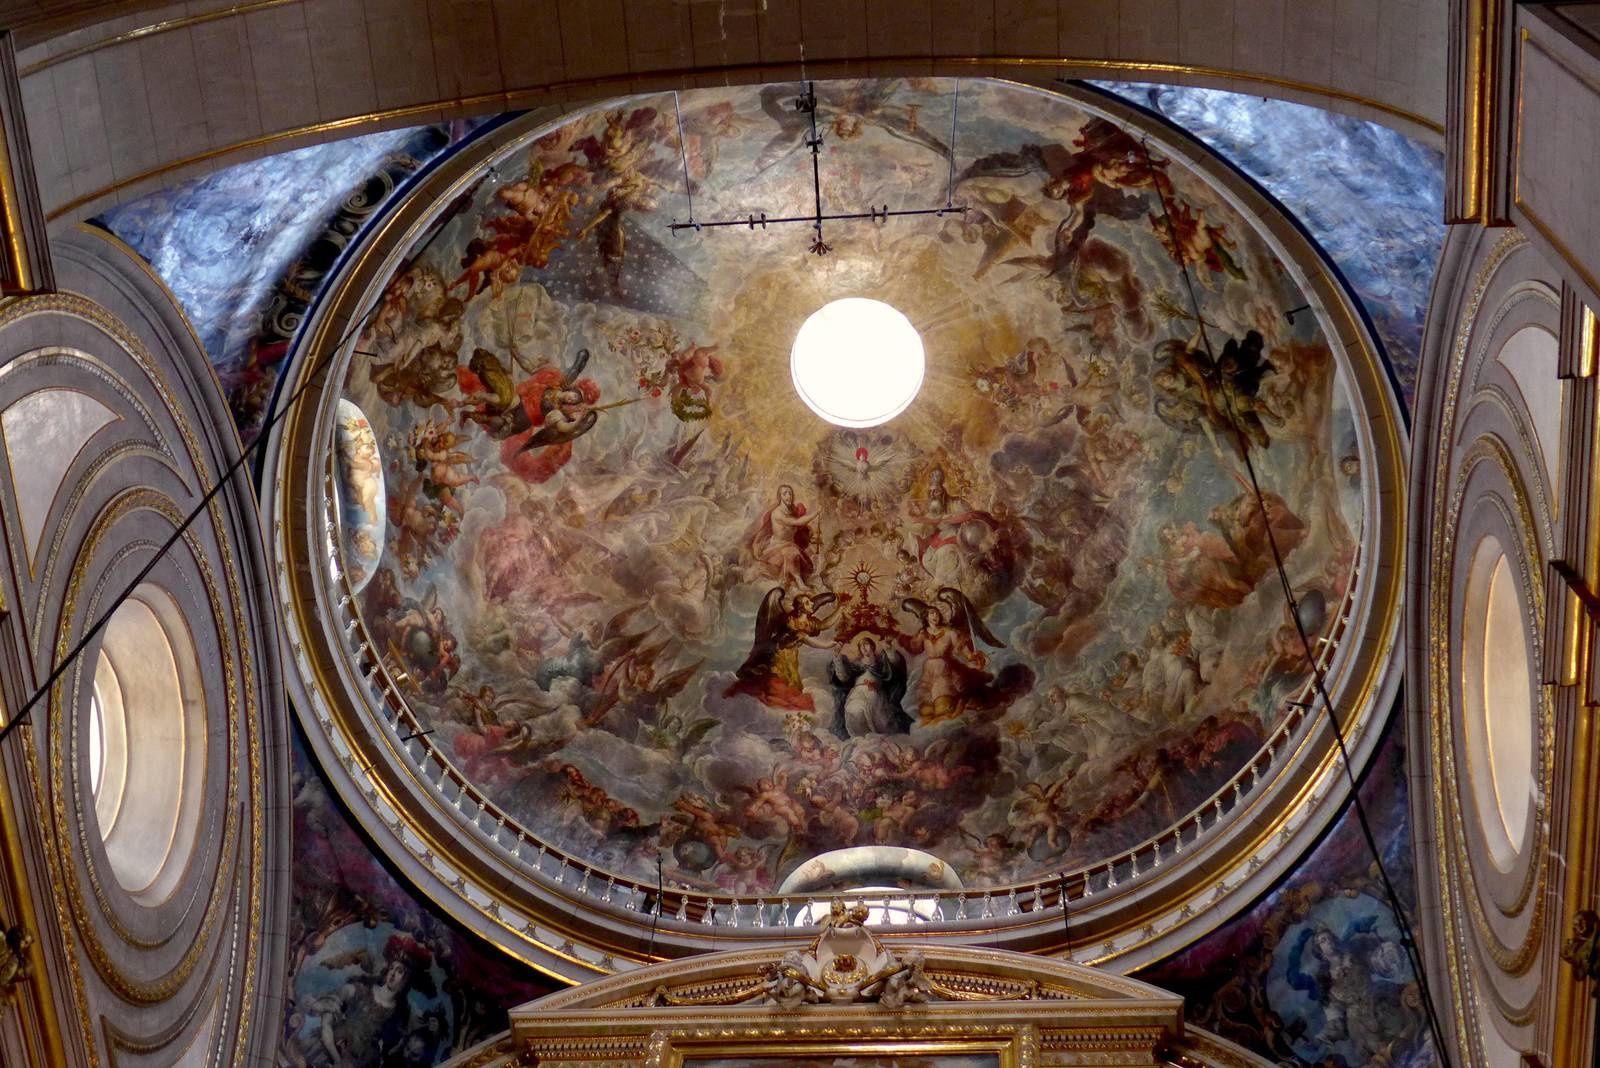 L'impressionnante cathédrale de Puebla, qui est représentée sur les billets de 500 Pesos Ses tours sont les plus hautes du pays (69 m). L'intérieur somptueux, les fresques et les chapelles latérales finement décorées sont magnifiques .